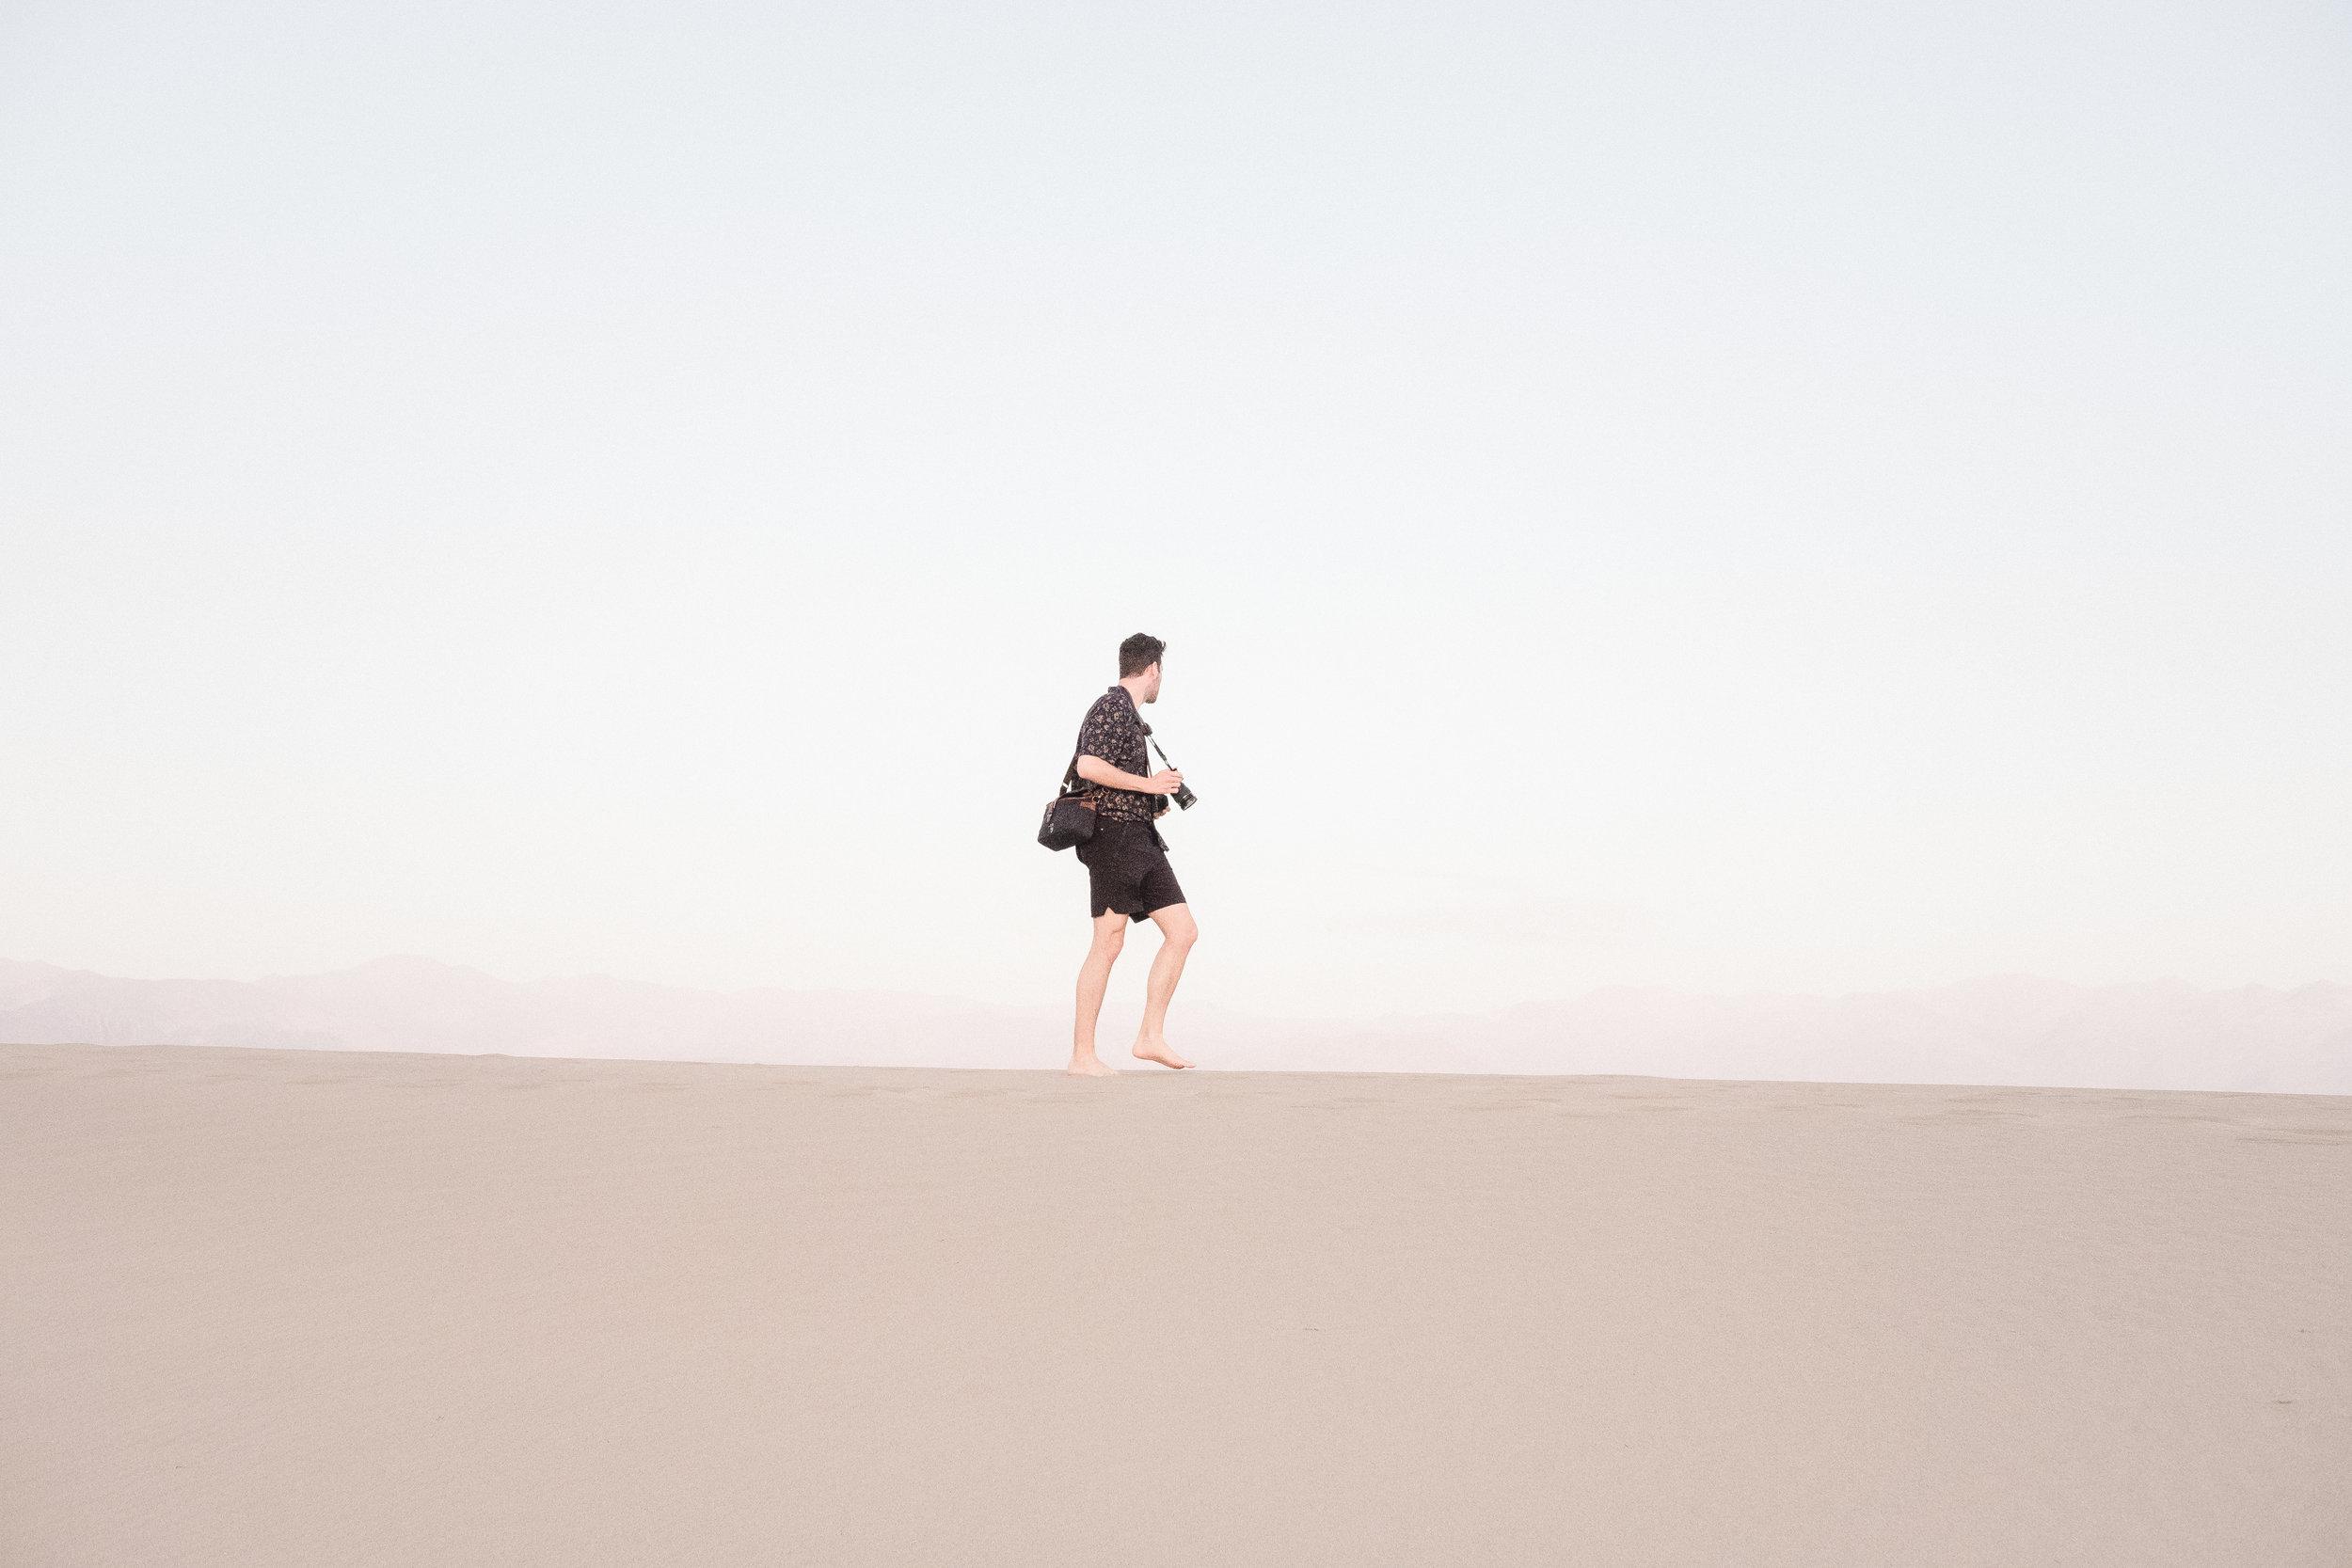 Death_Valley-7.jpg